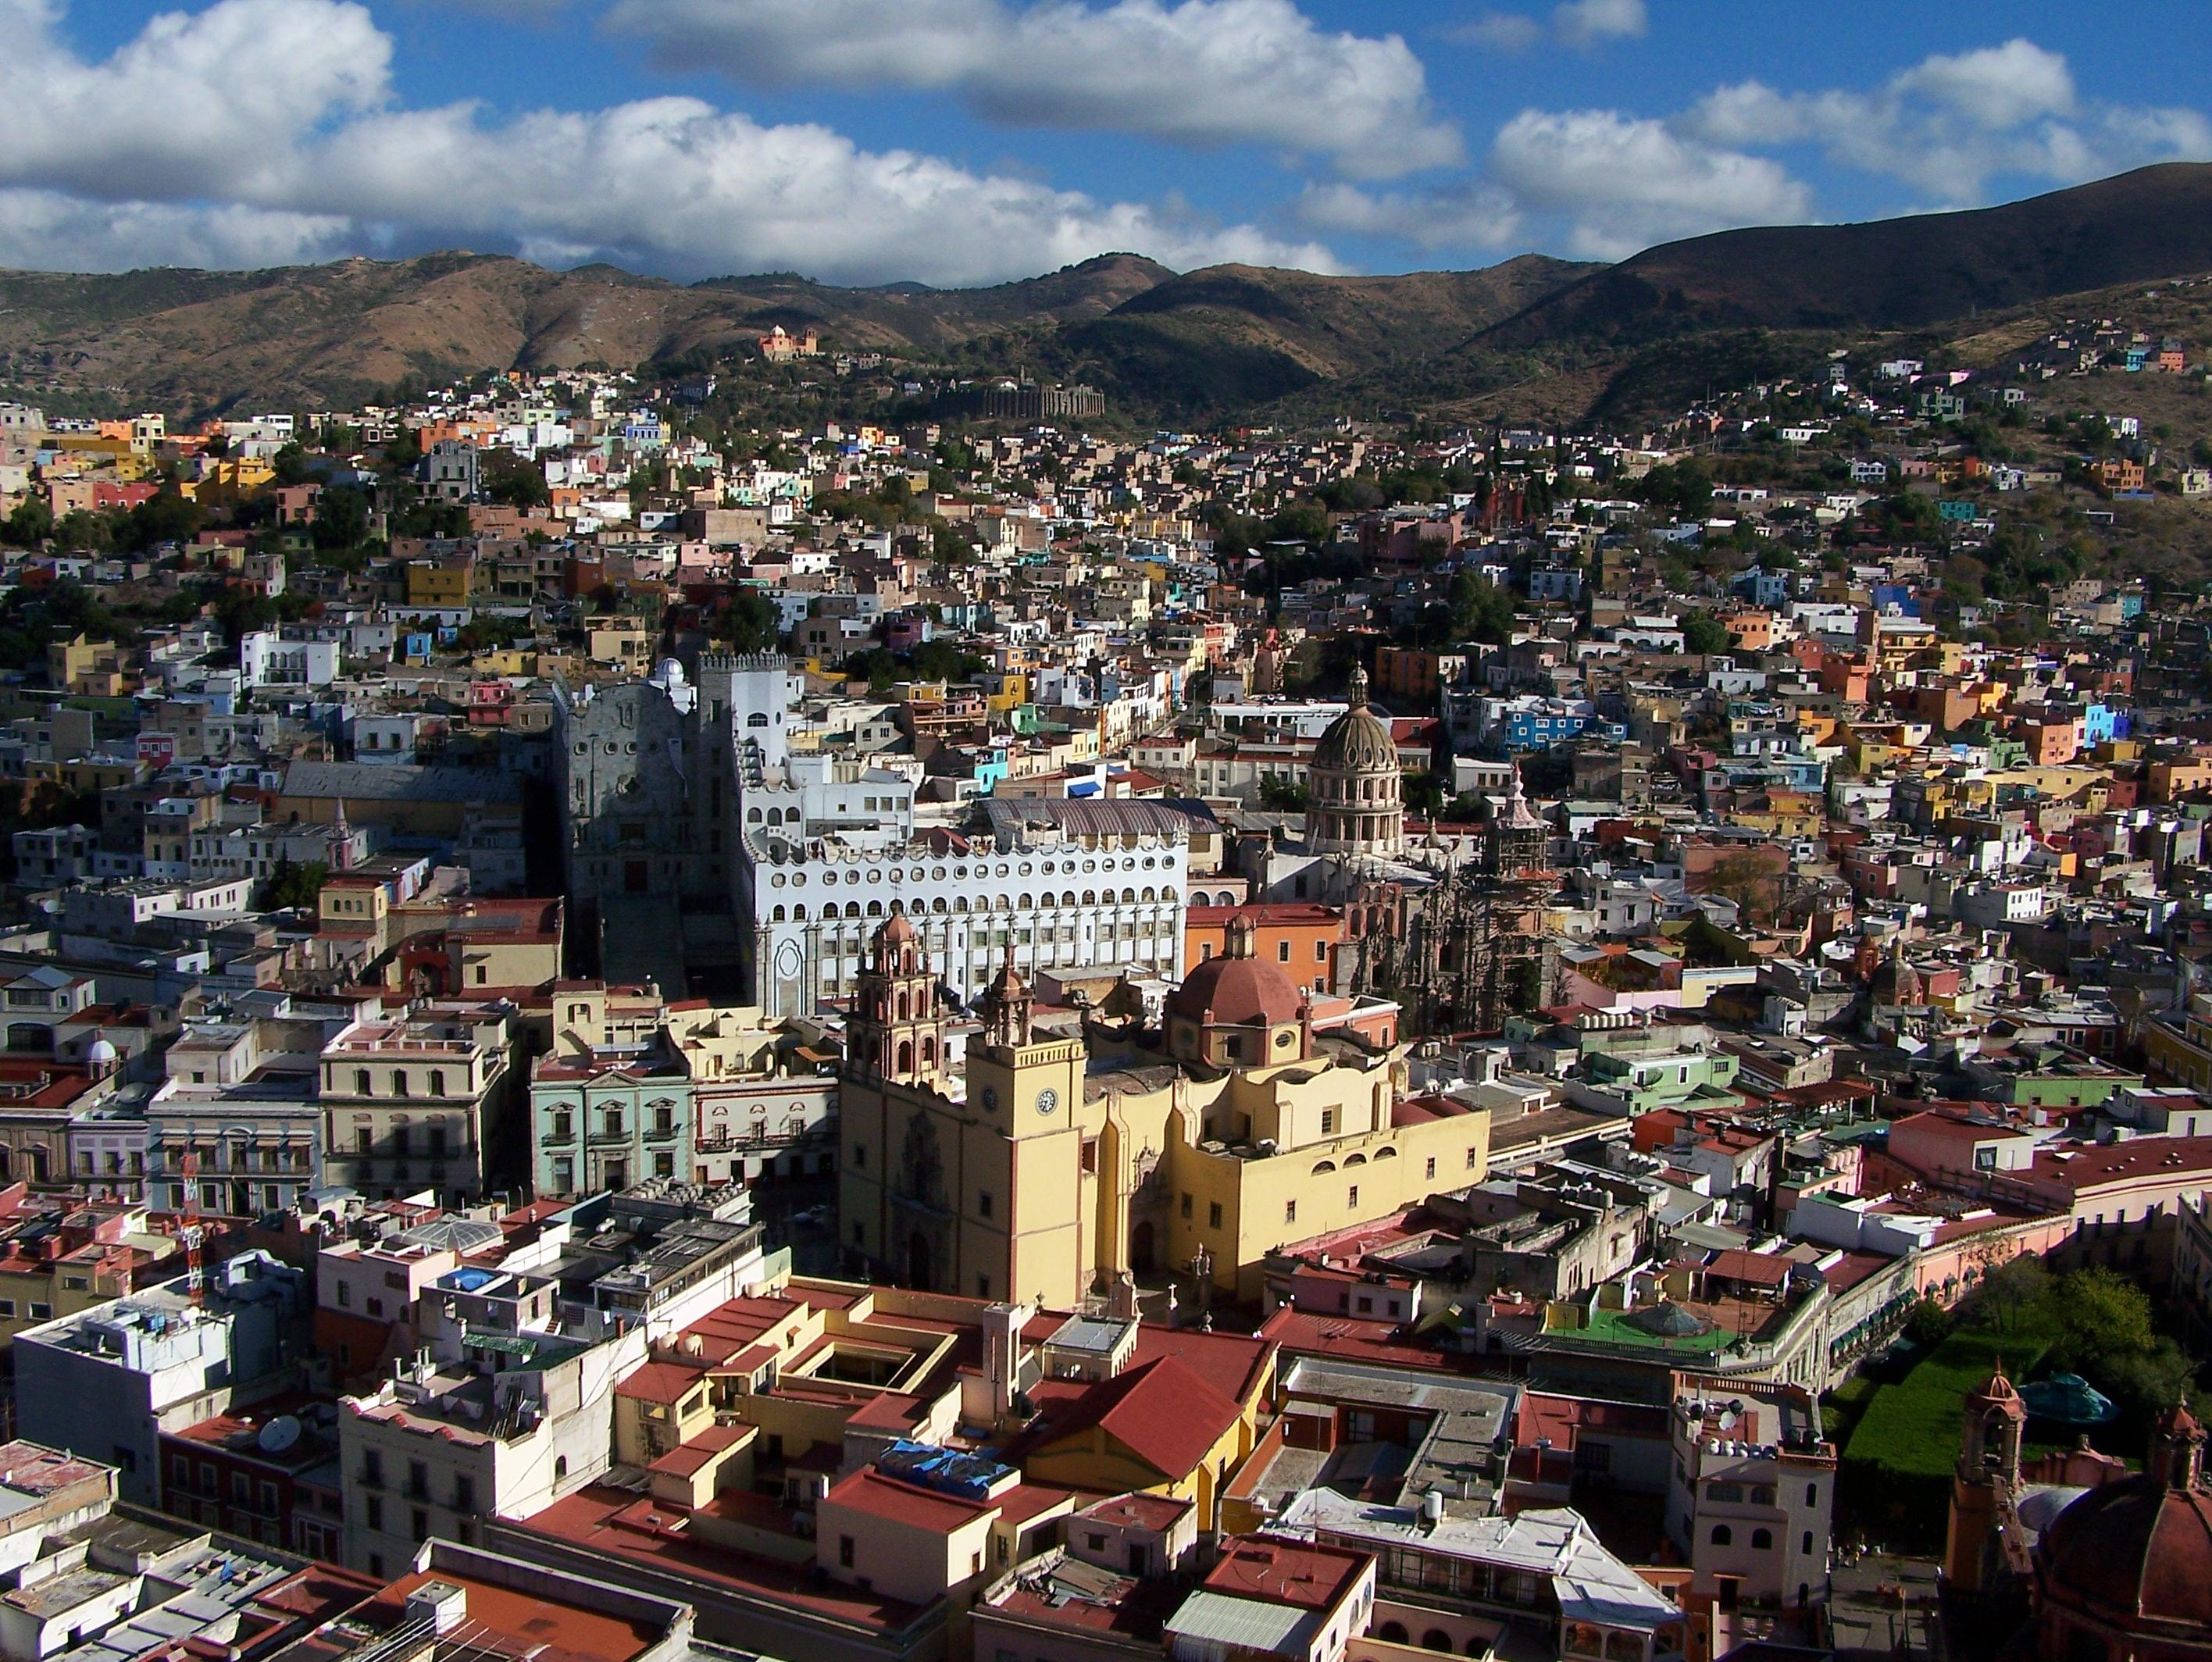 Guanajuato Mexico skyline